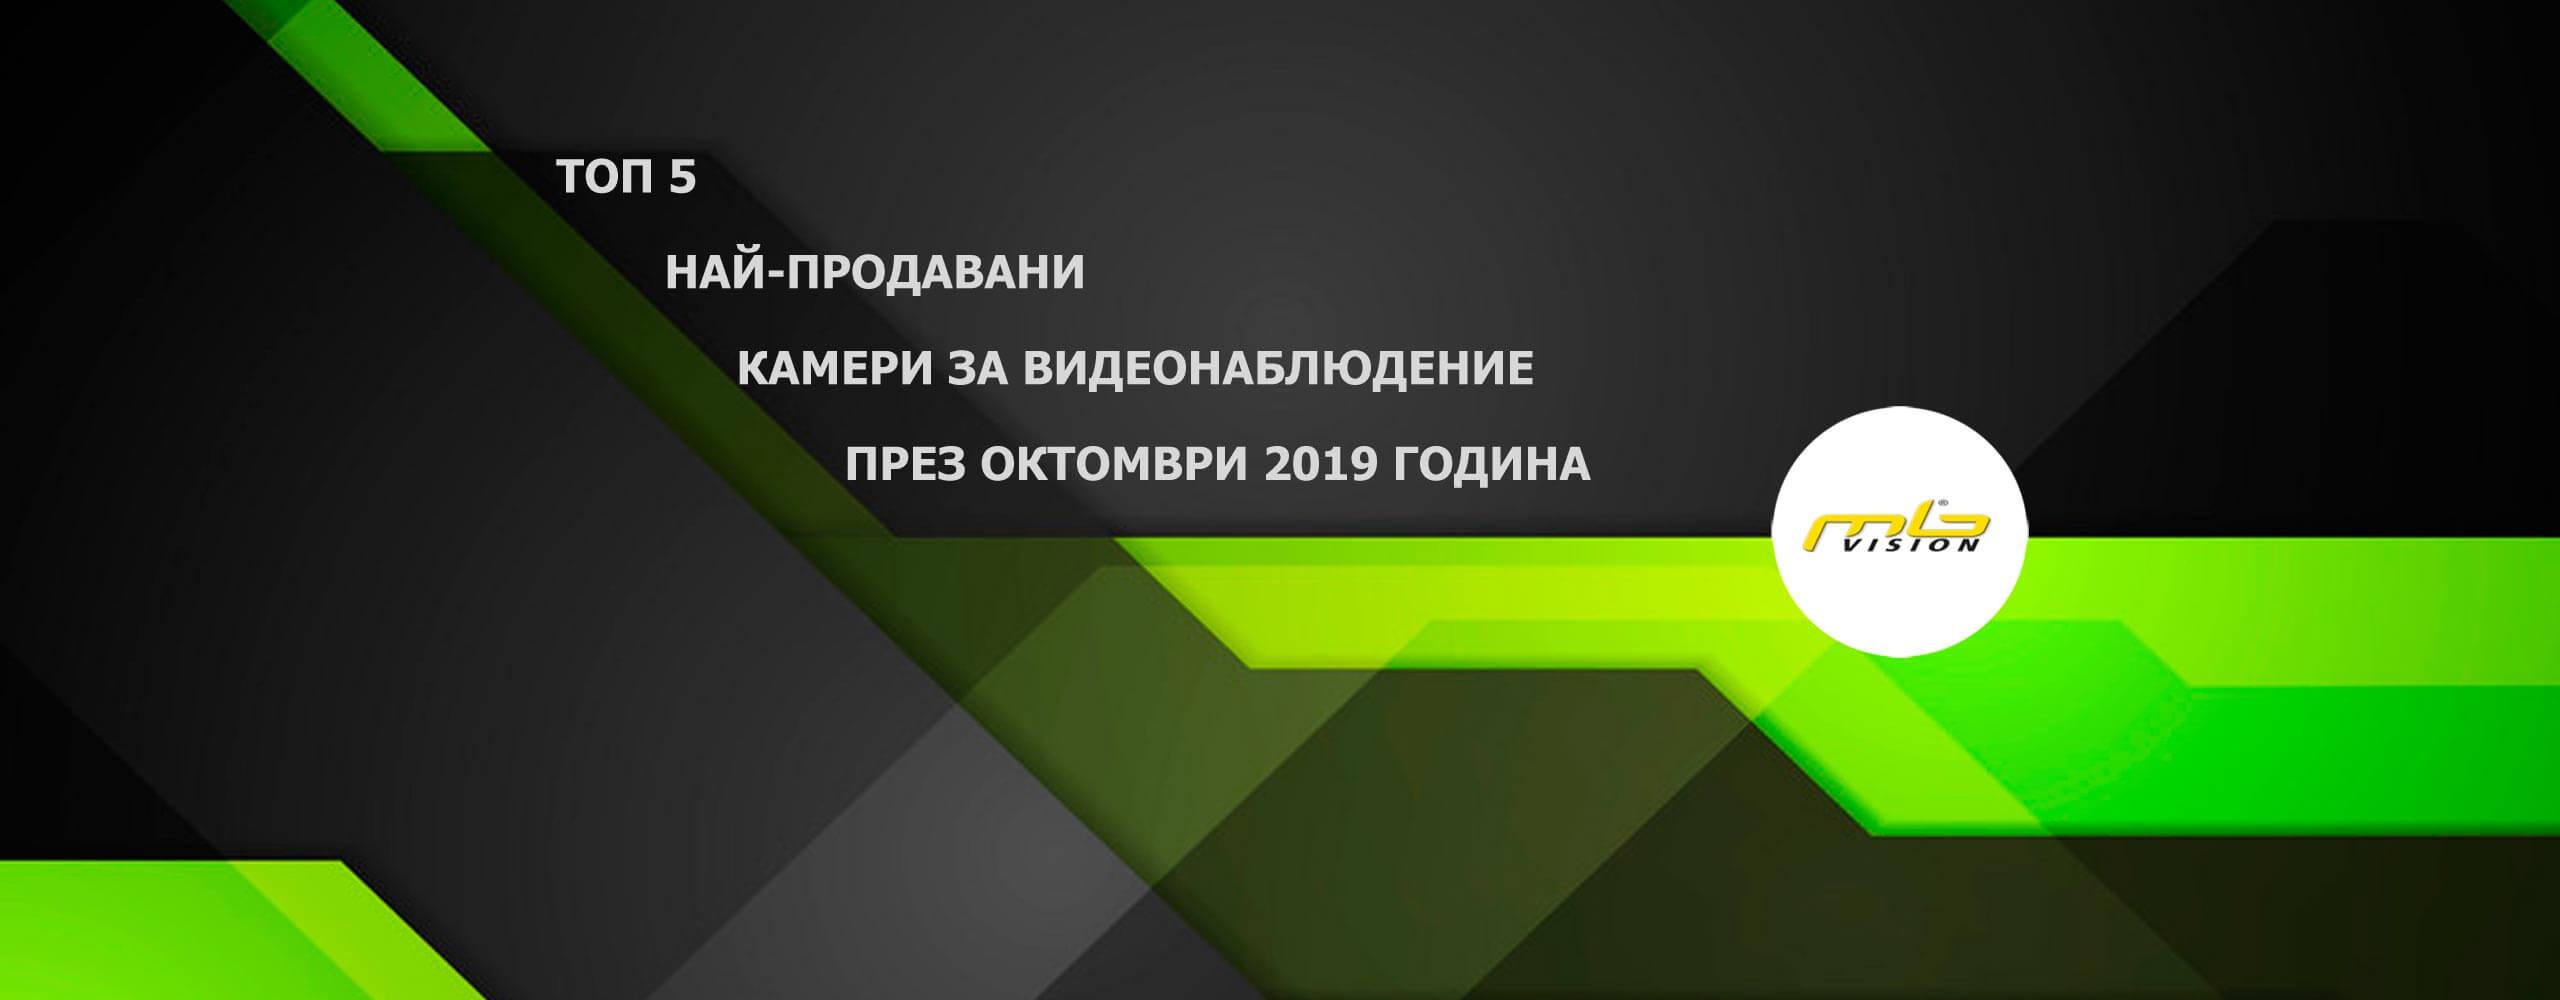 Топ 5 продавани камери октомври 2019 в ЕМ БИ ВИЖЪН